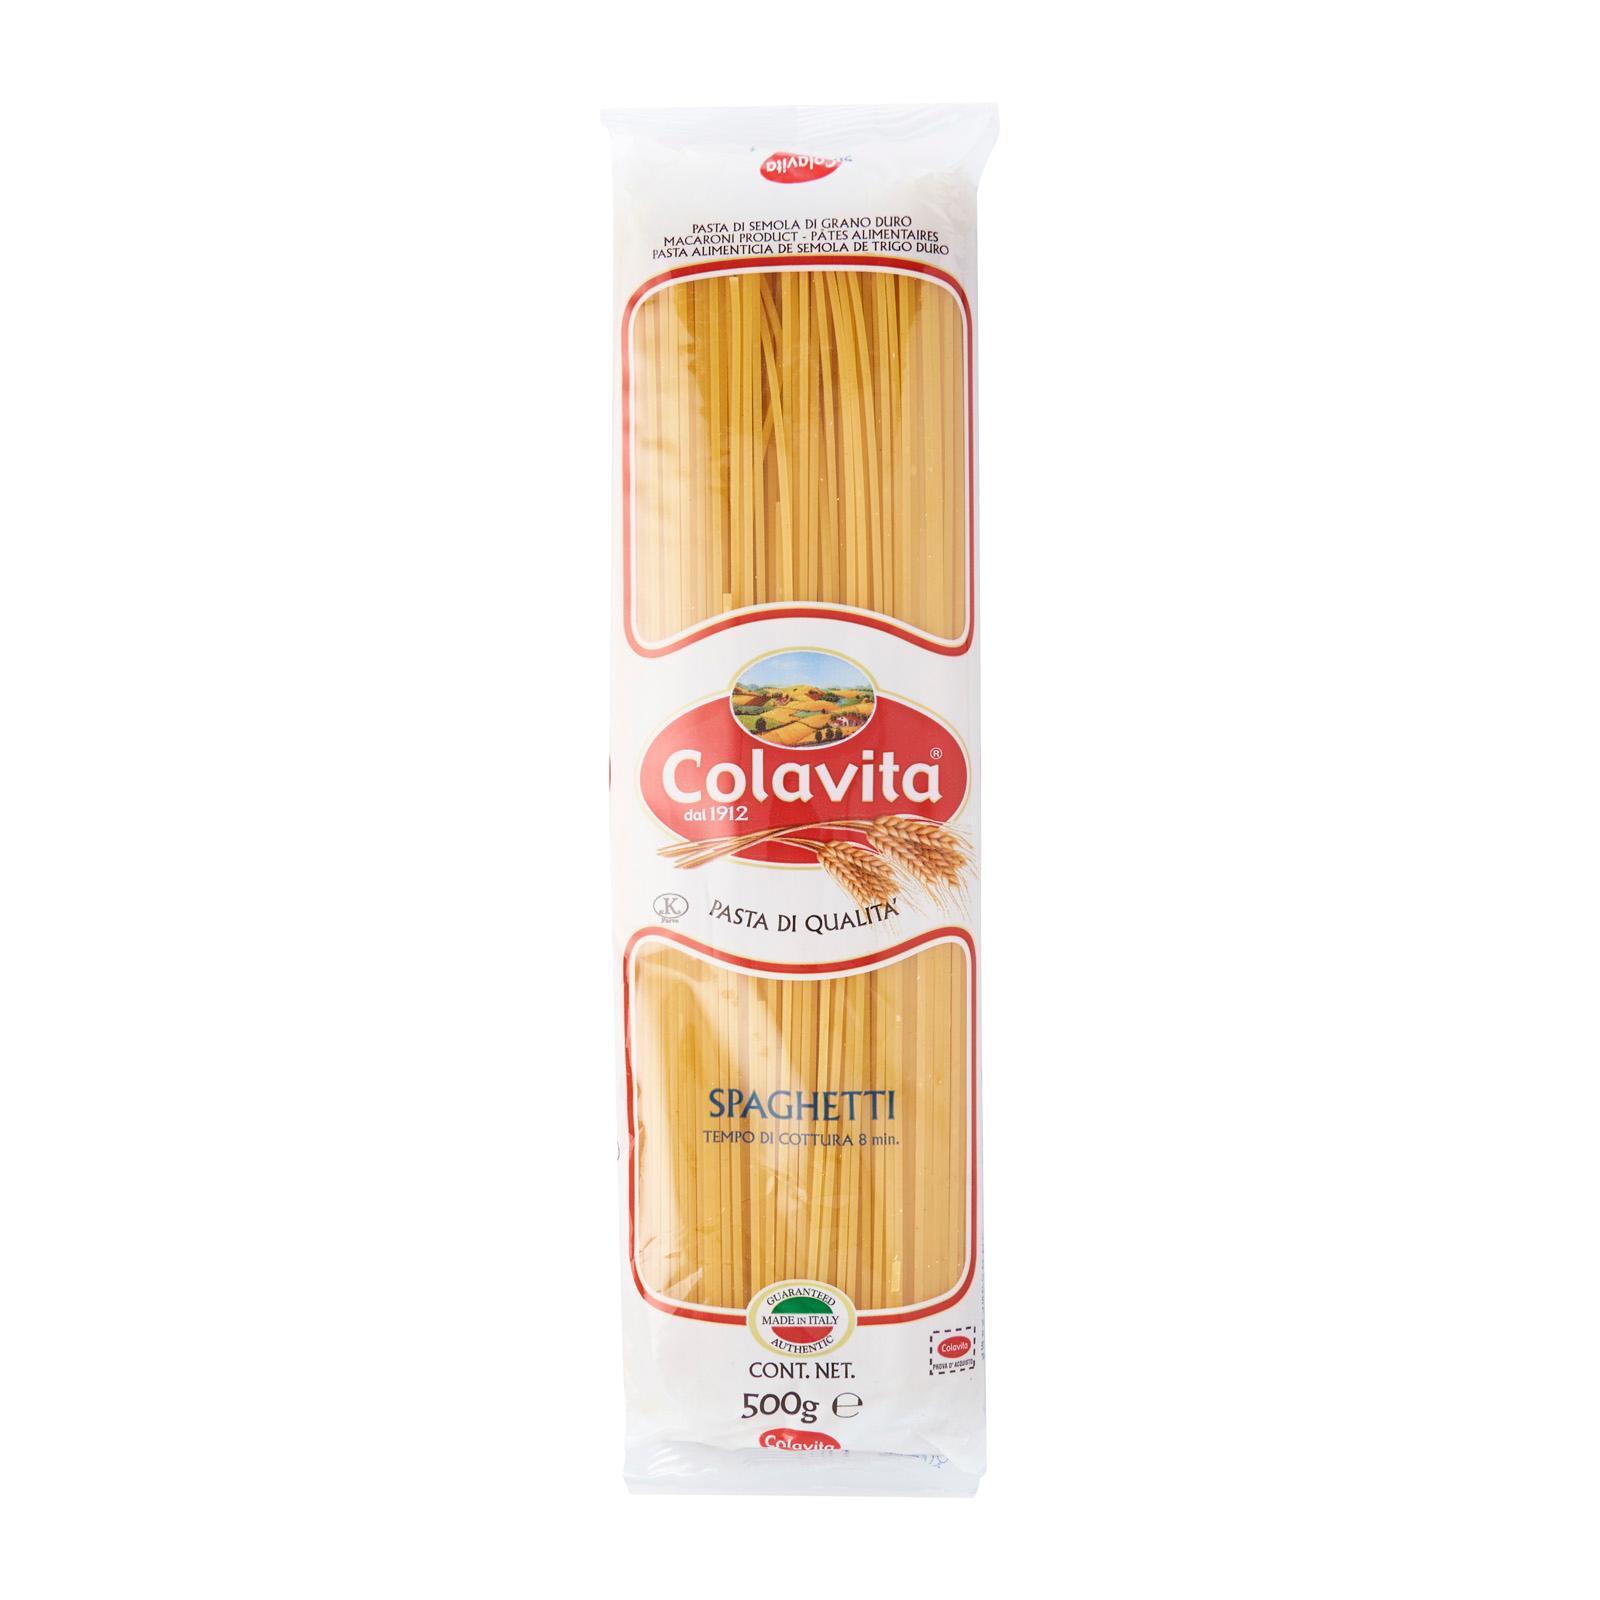 Colavita Pasta Spaghetti